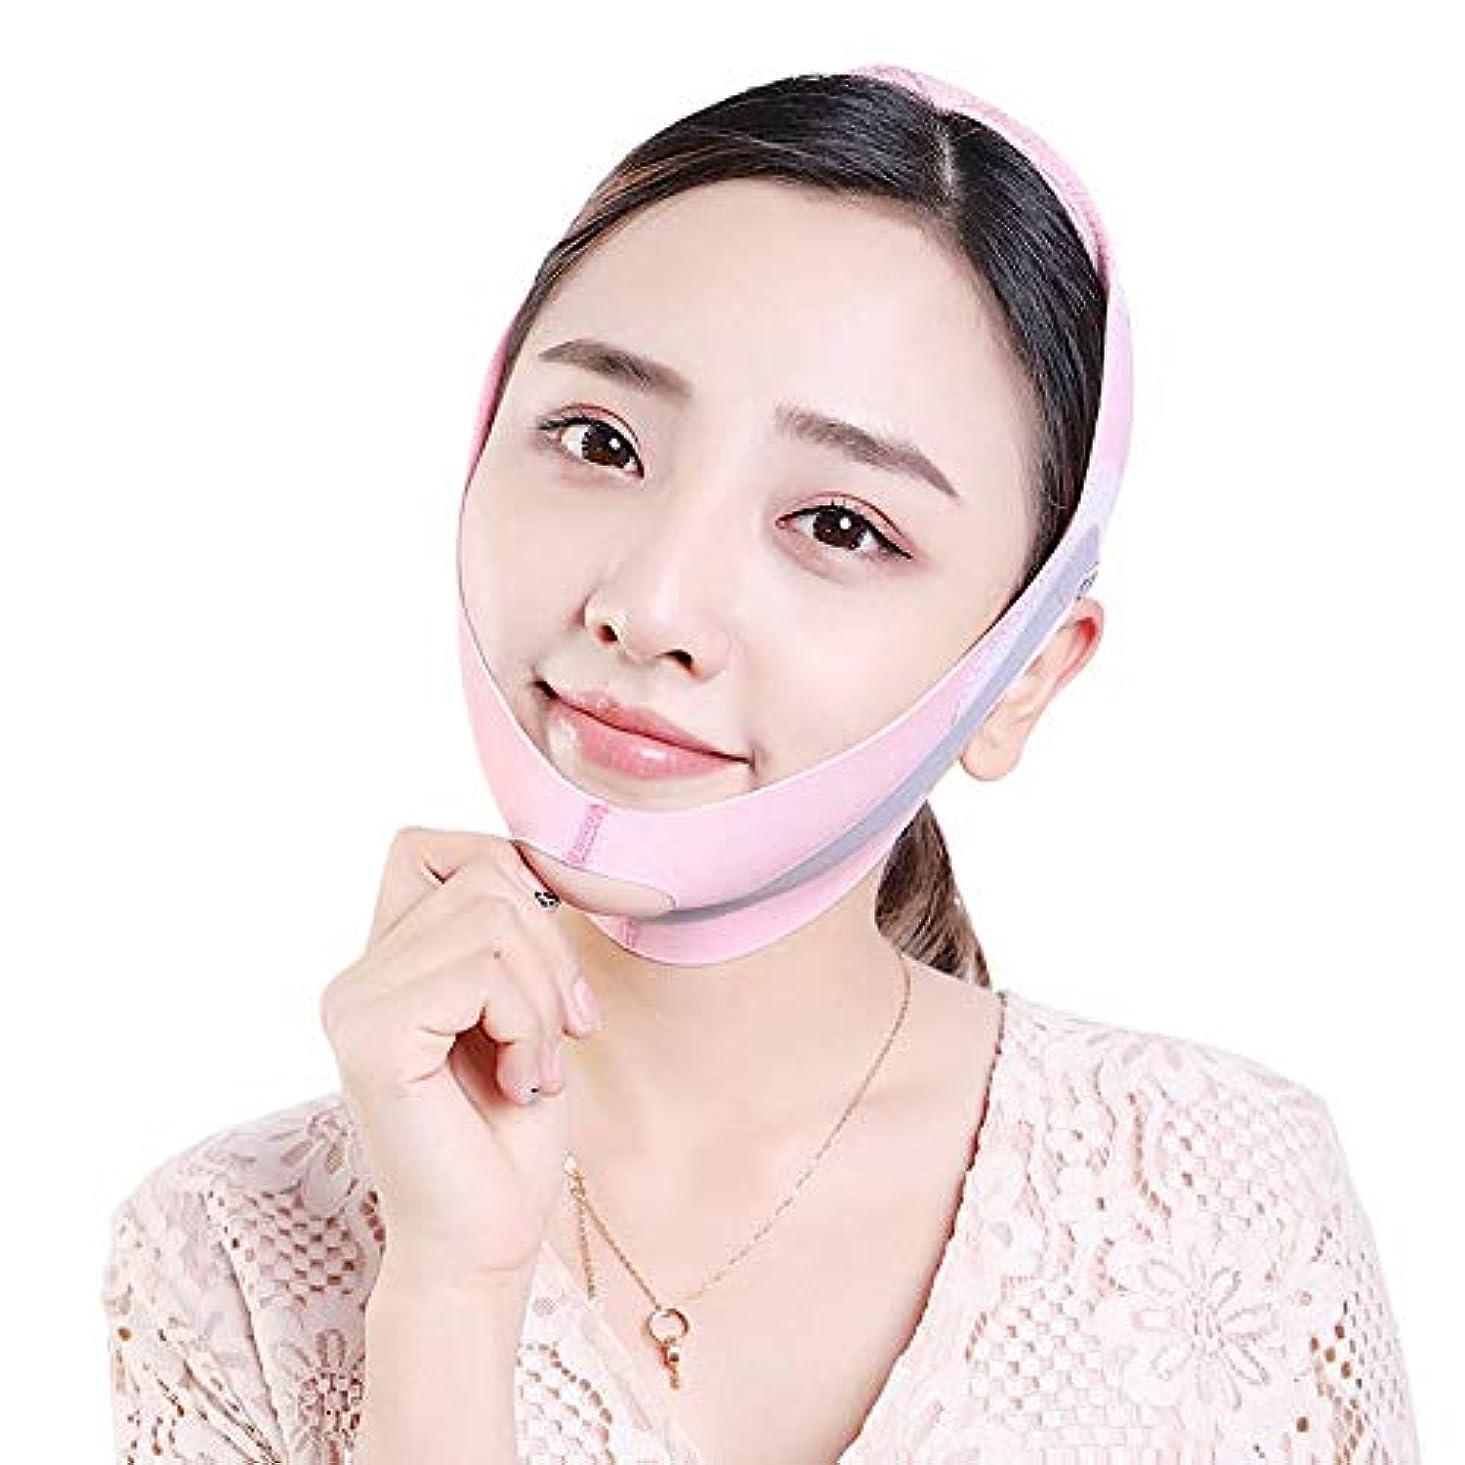 レタッチ刻むひもたるみを防ぐために顔を持ち上げるために筋肉を引き締めるために二重あごのステッカーとラインを削除するために、顔を持ち上げるアーティファクト包帯があります - ピンク